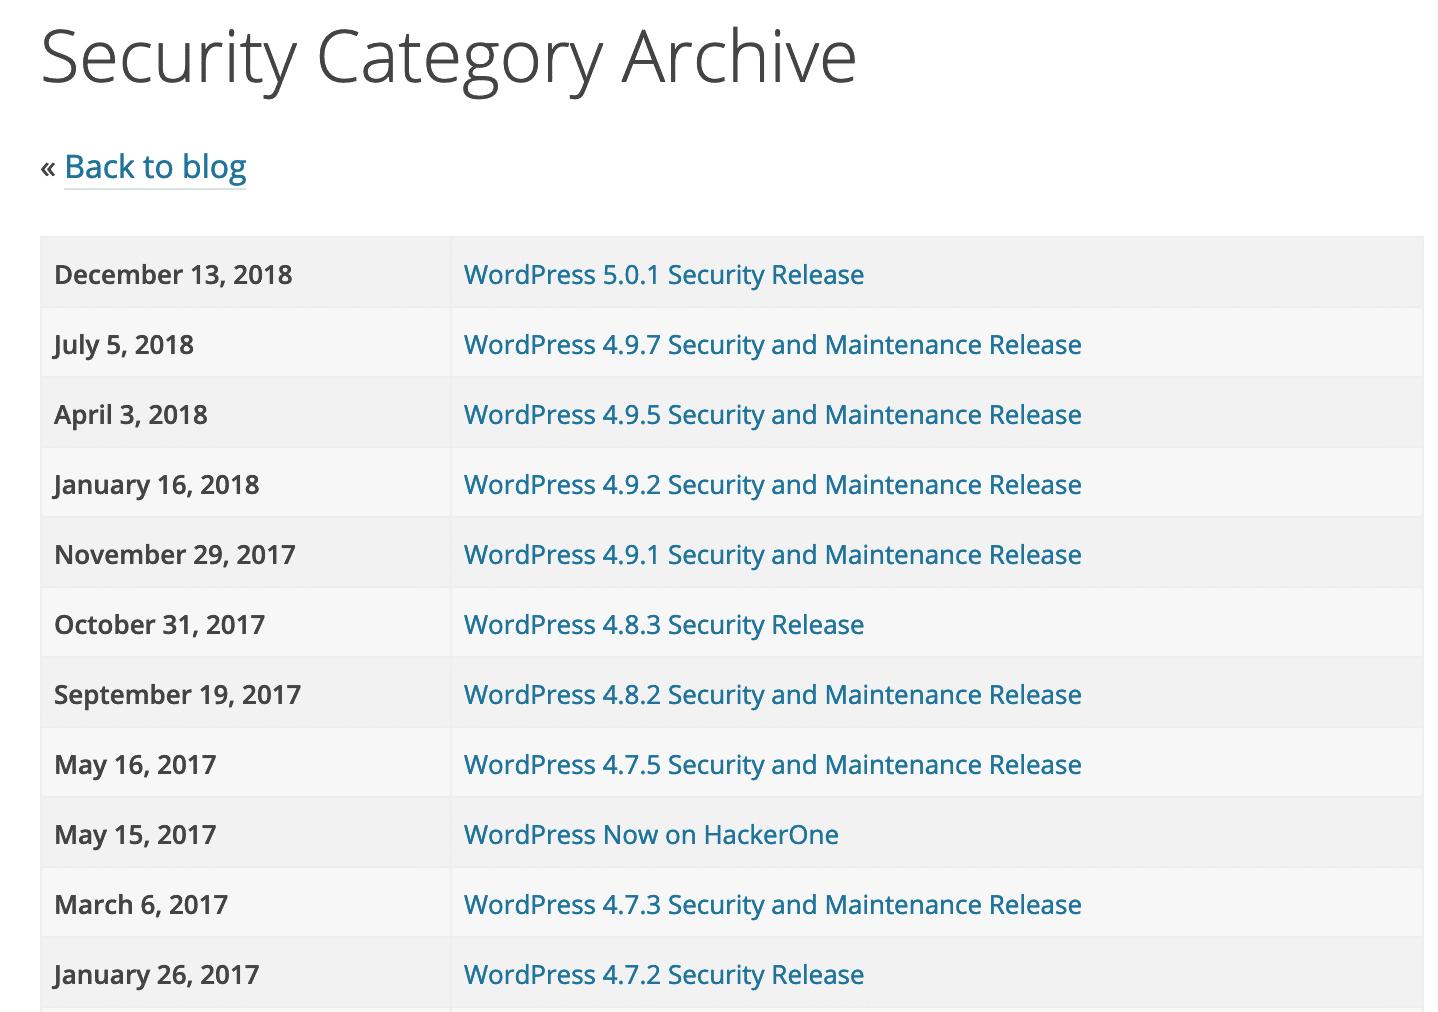 WordPress säkerhetsarkiv